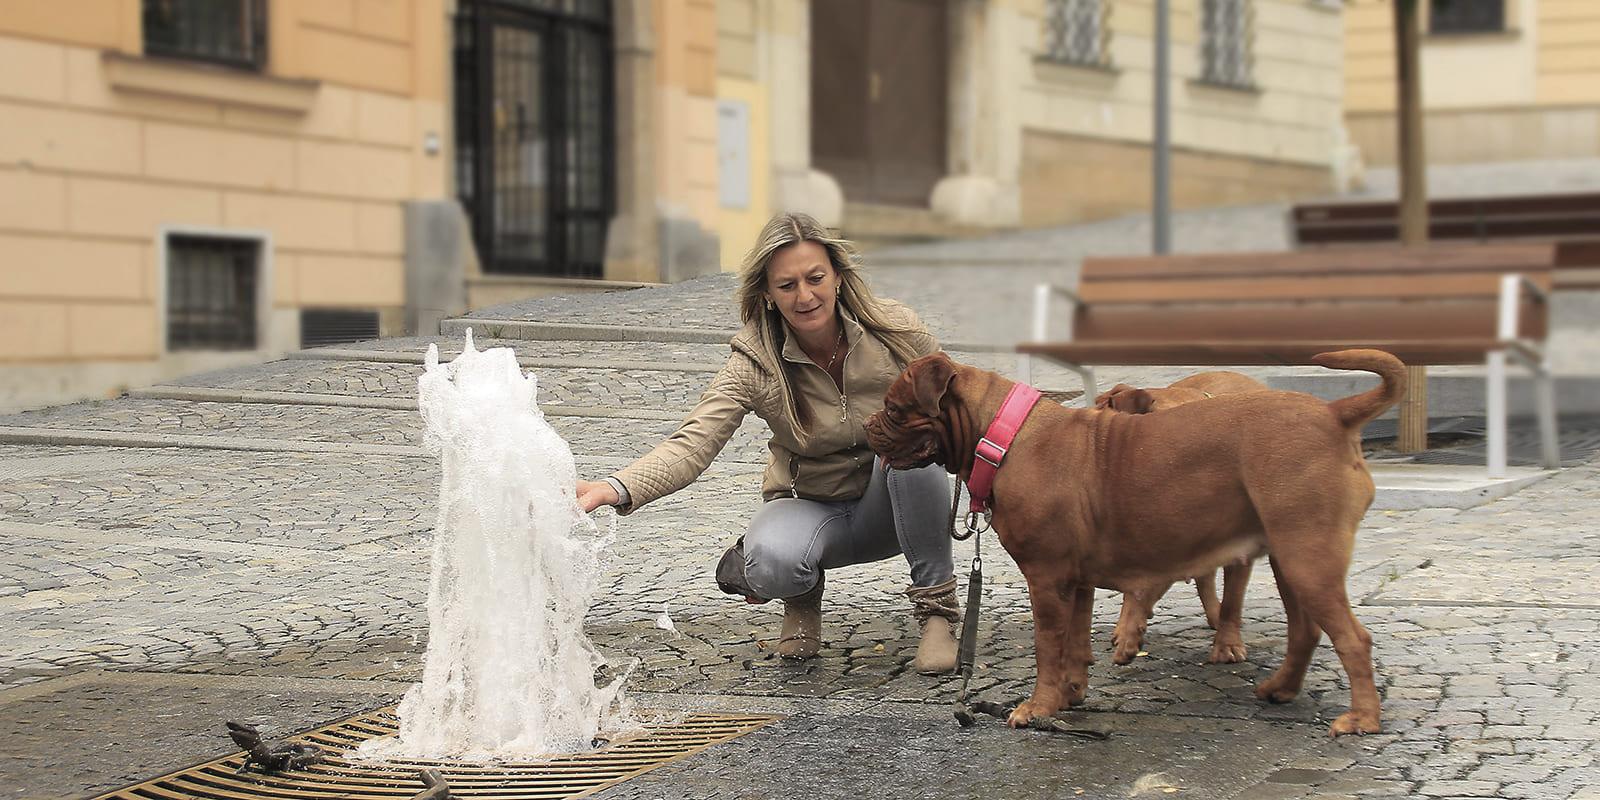 GERHARTS - Hunde in der Stadt